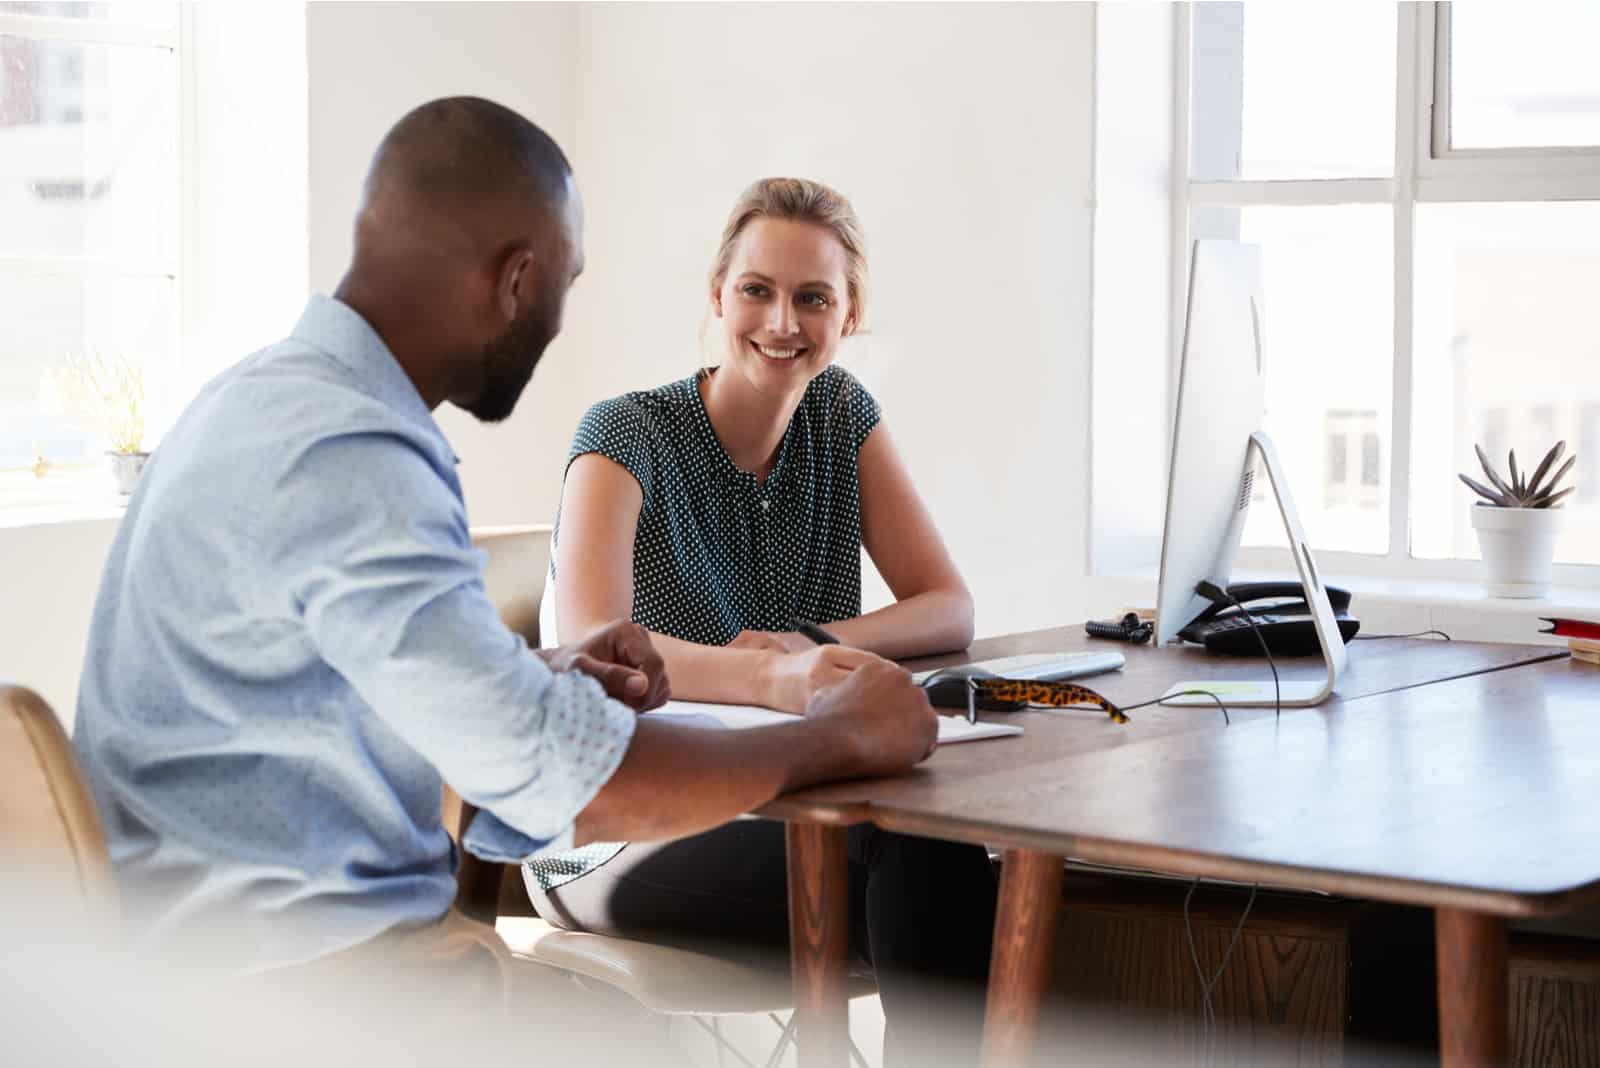 un homme et une femme sont assis au bureau et parlent